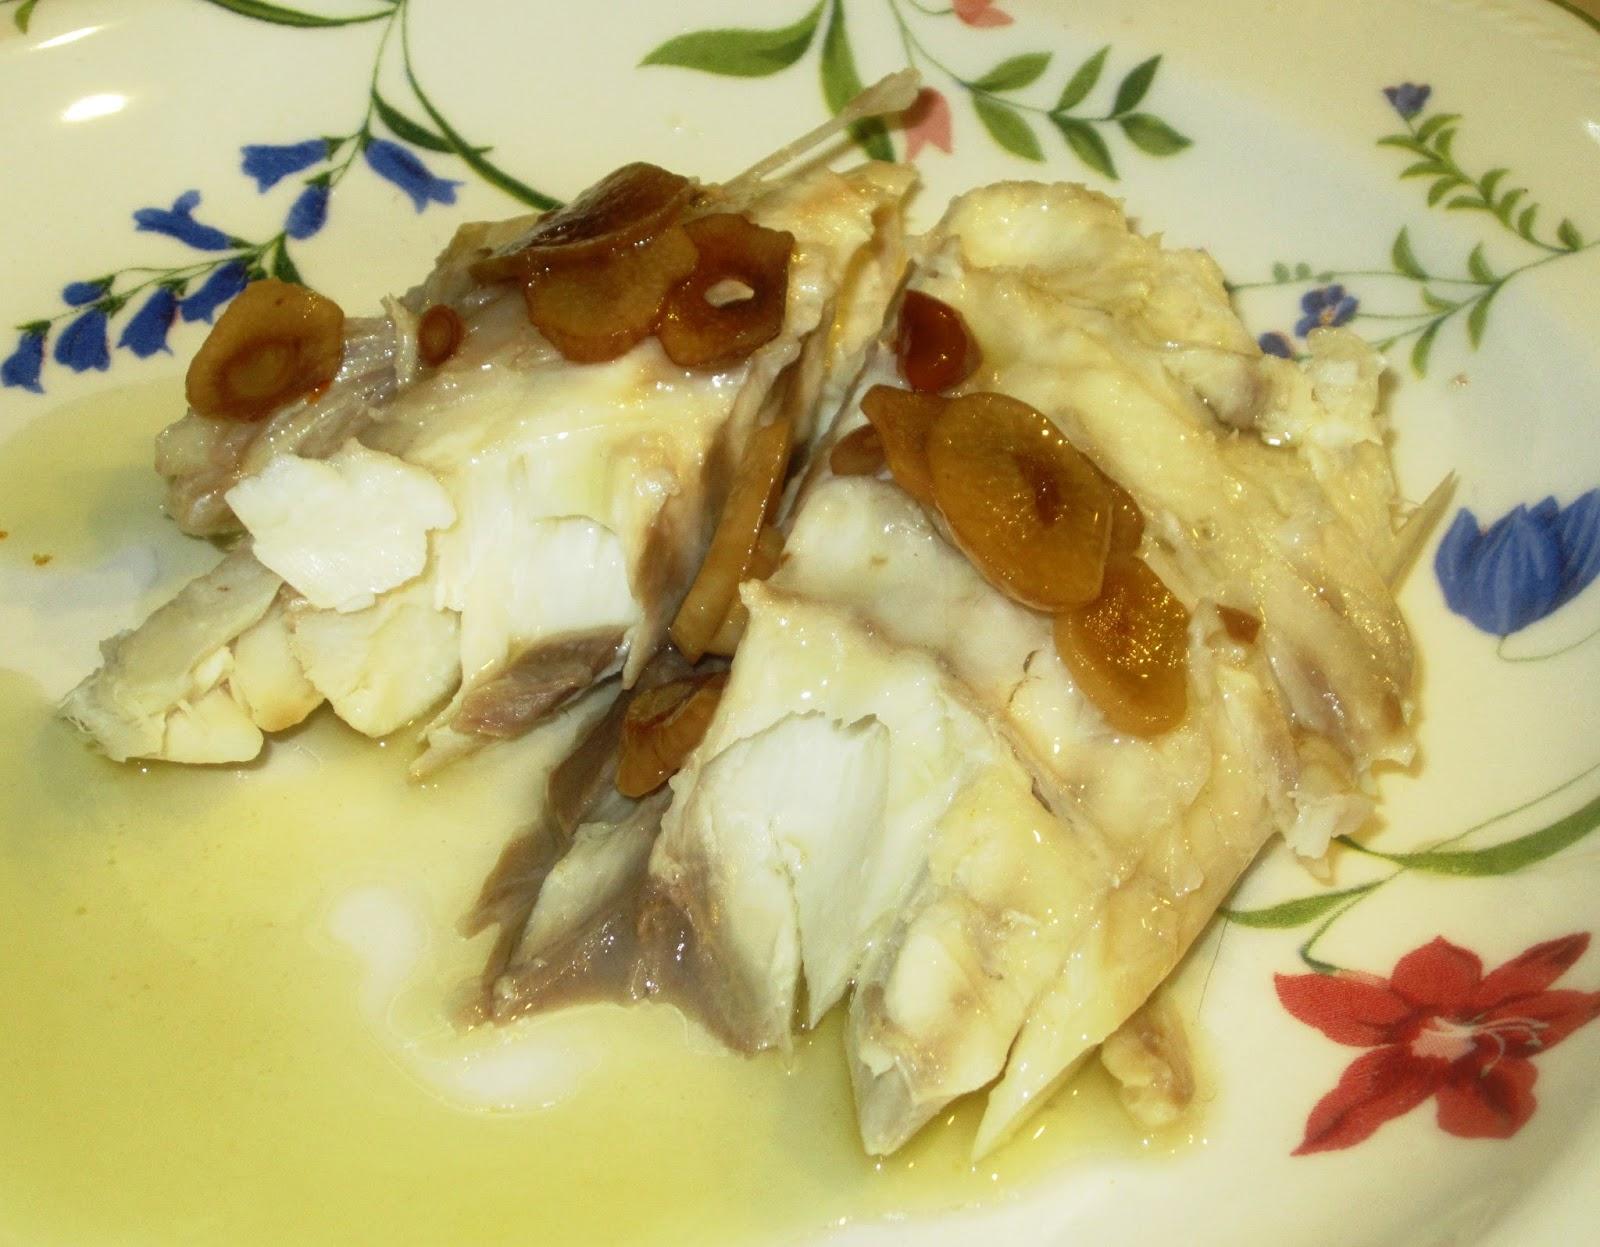 El rinc n de mund n salsa de ajos para pescados a la sal for Salsa para lubina a la sal